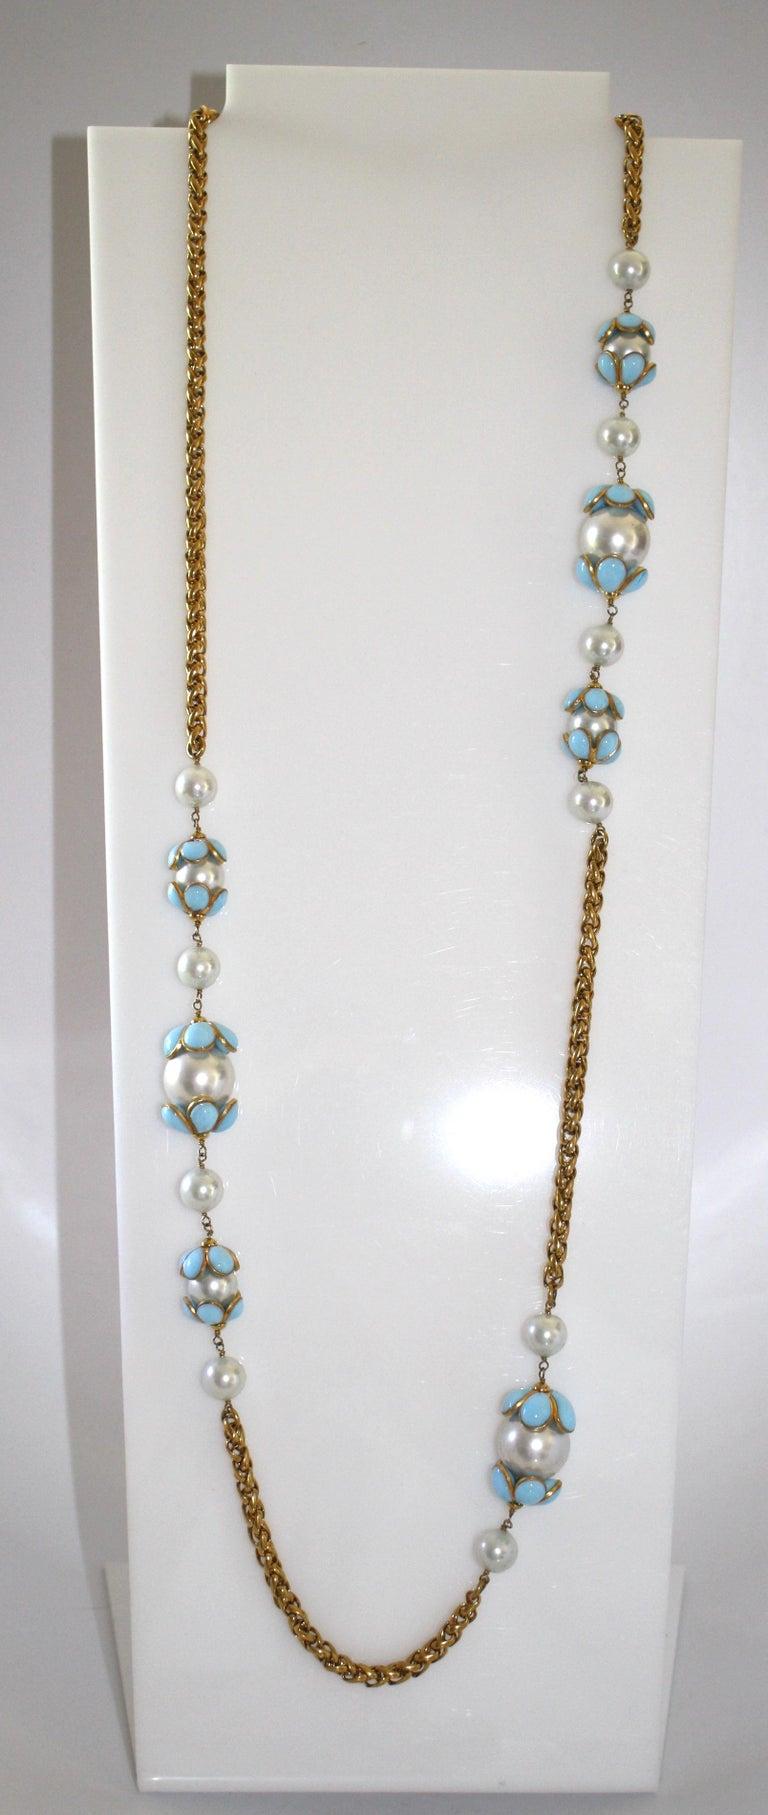 Women's Francoise Montague Glass Pearl and Blue Pate de Verre Sautoir Necklace For Sale